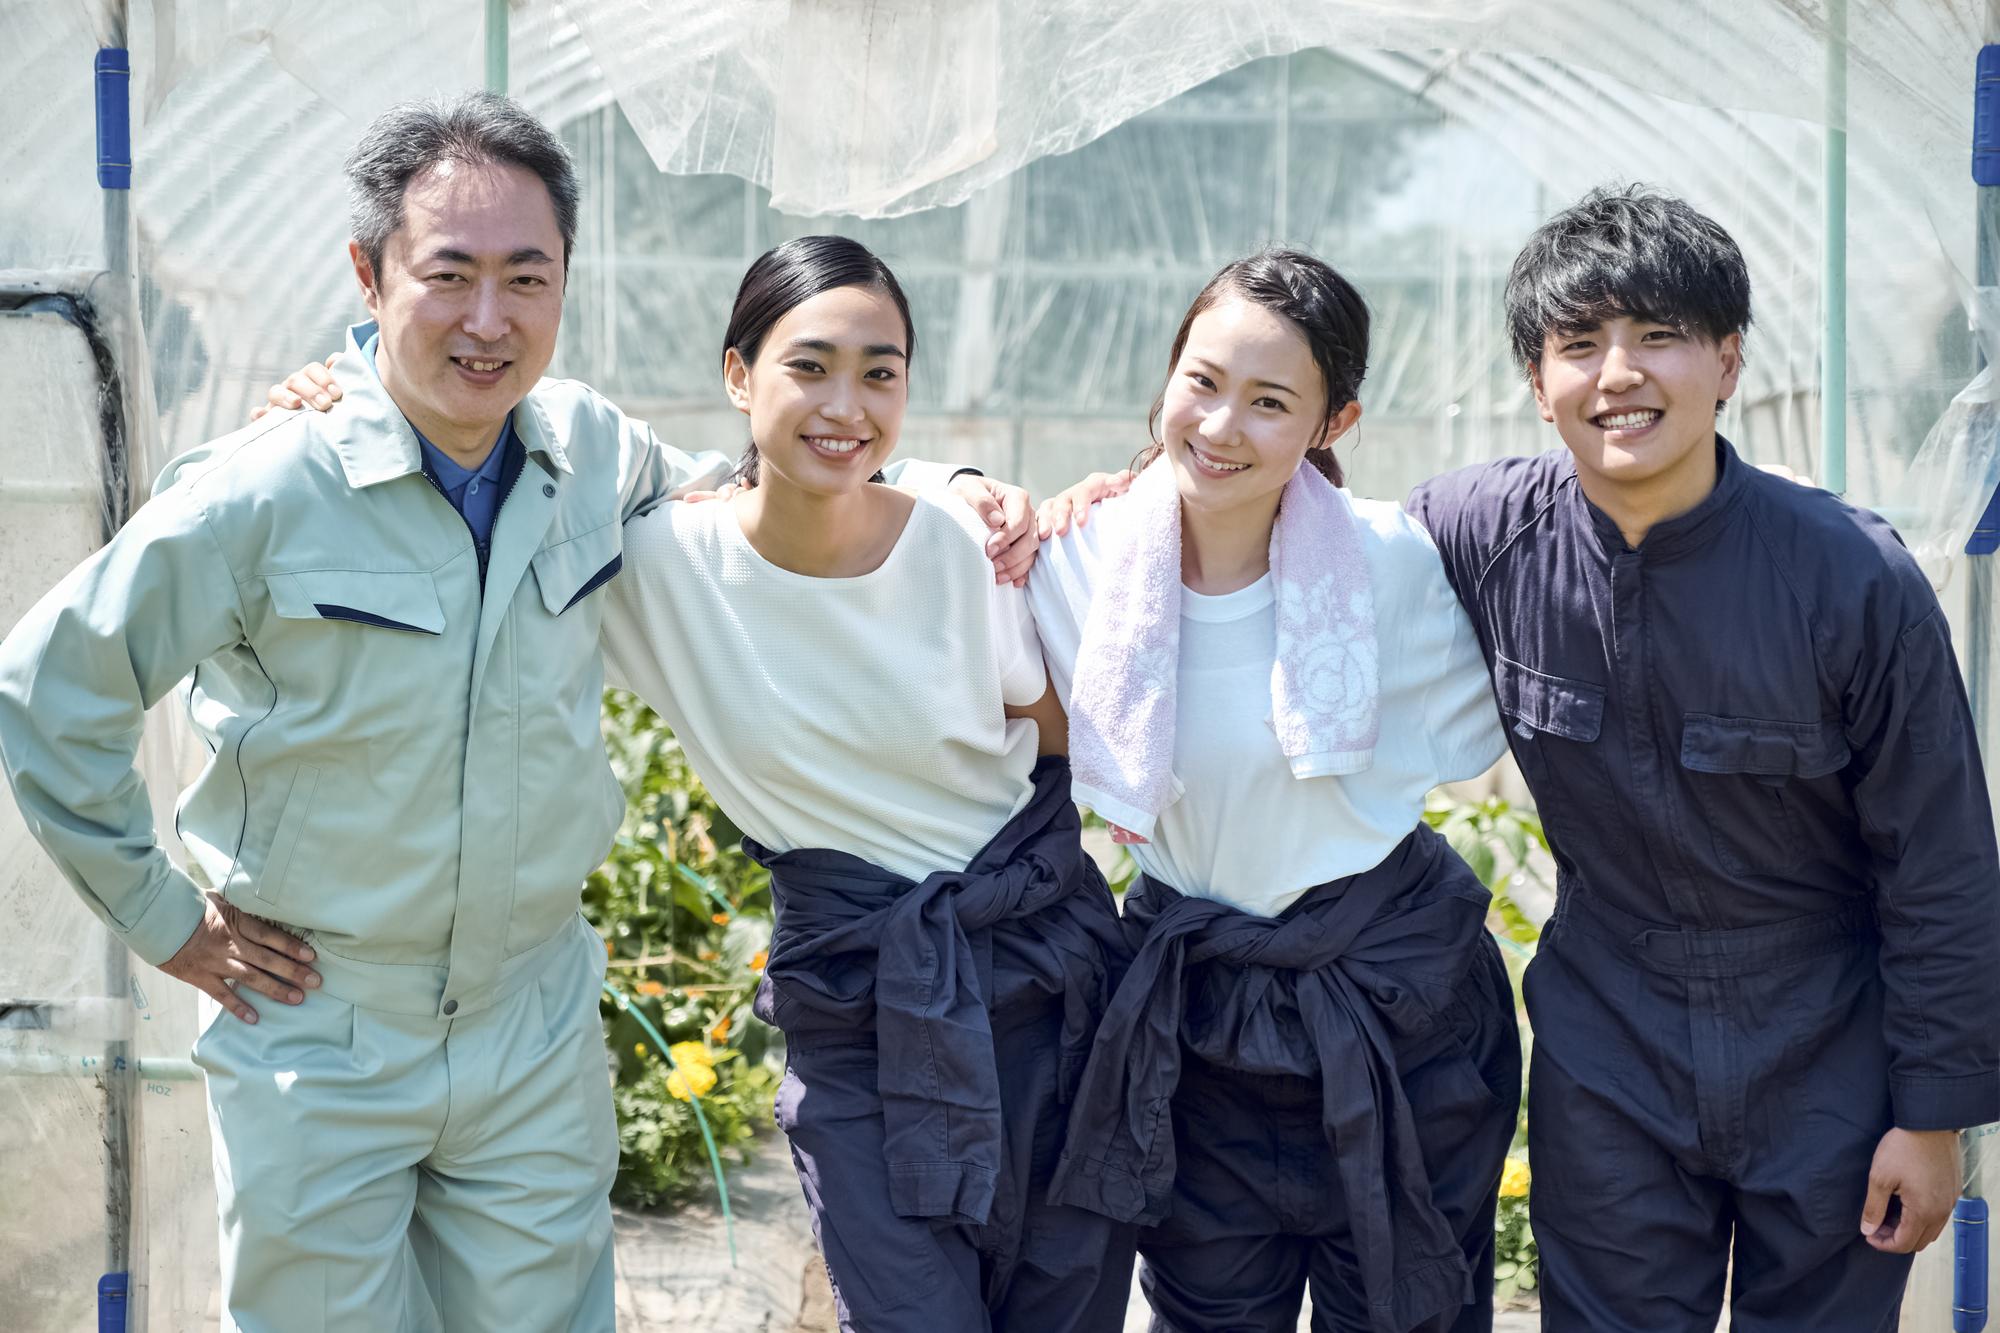 長崎県立農業大学校 募集 入学